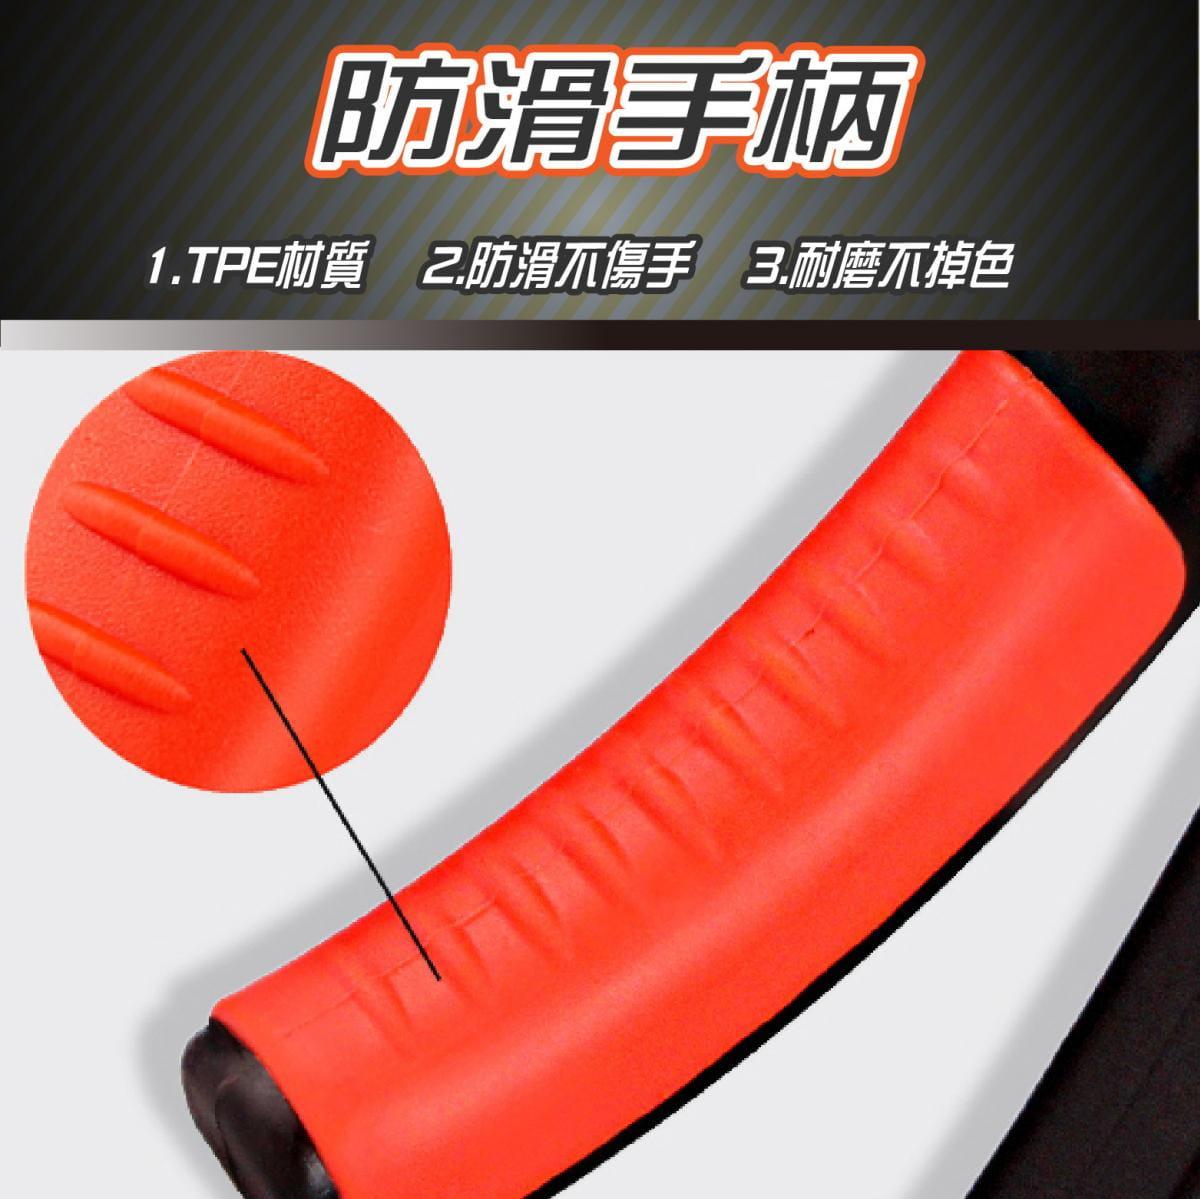 可調節式 握力器10~40KG 握力 腕力 握力訓練器 手腕訓練 腕力器 健身器材 紓壓 增肌 4